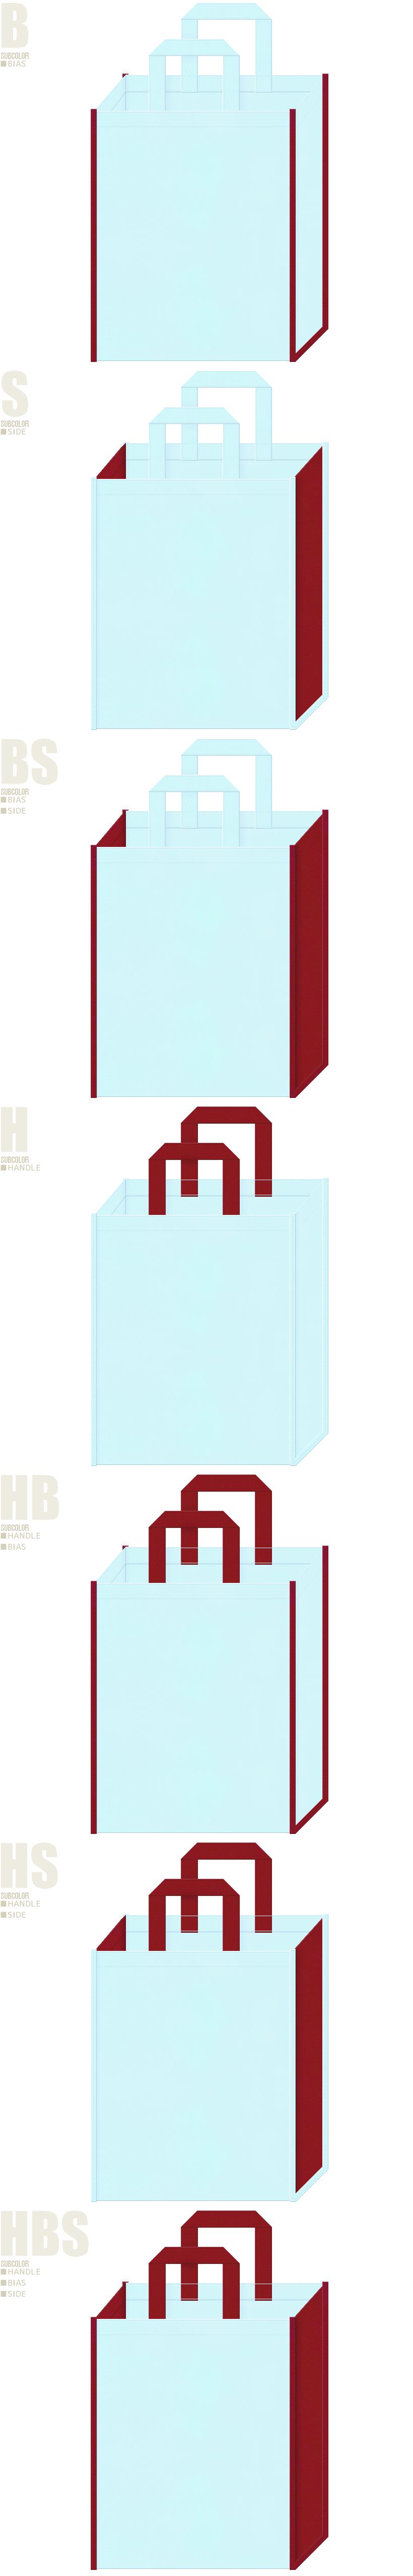 夏浴衣・法被・夏祭りにお奨めの不織布バッグデザイン:水色とエンジの配色7パターン